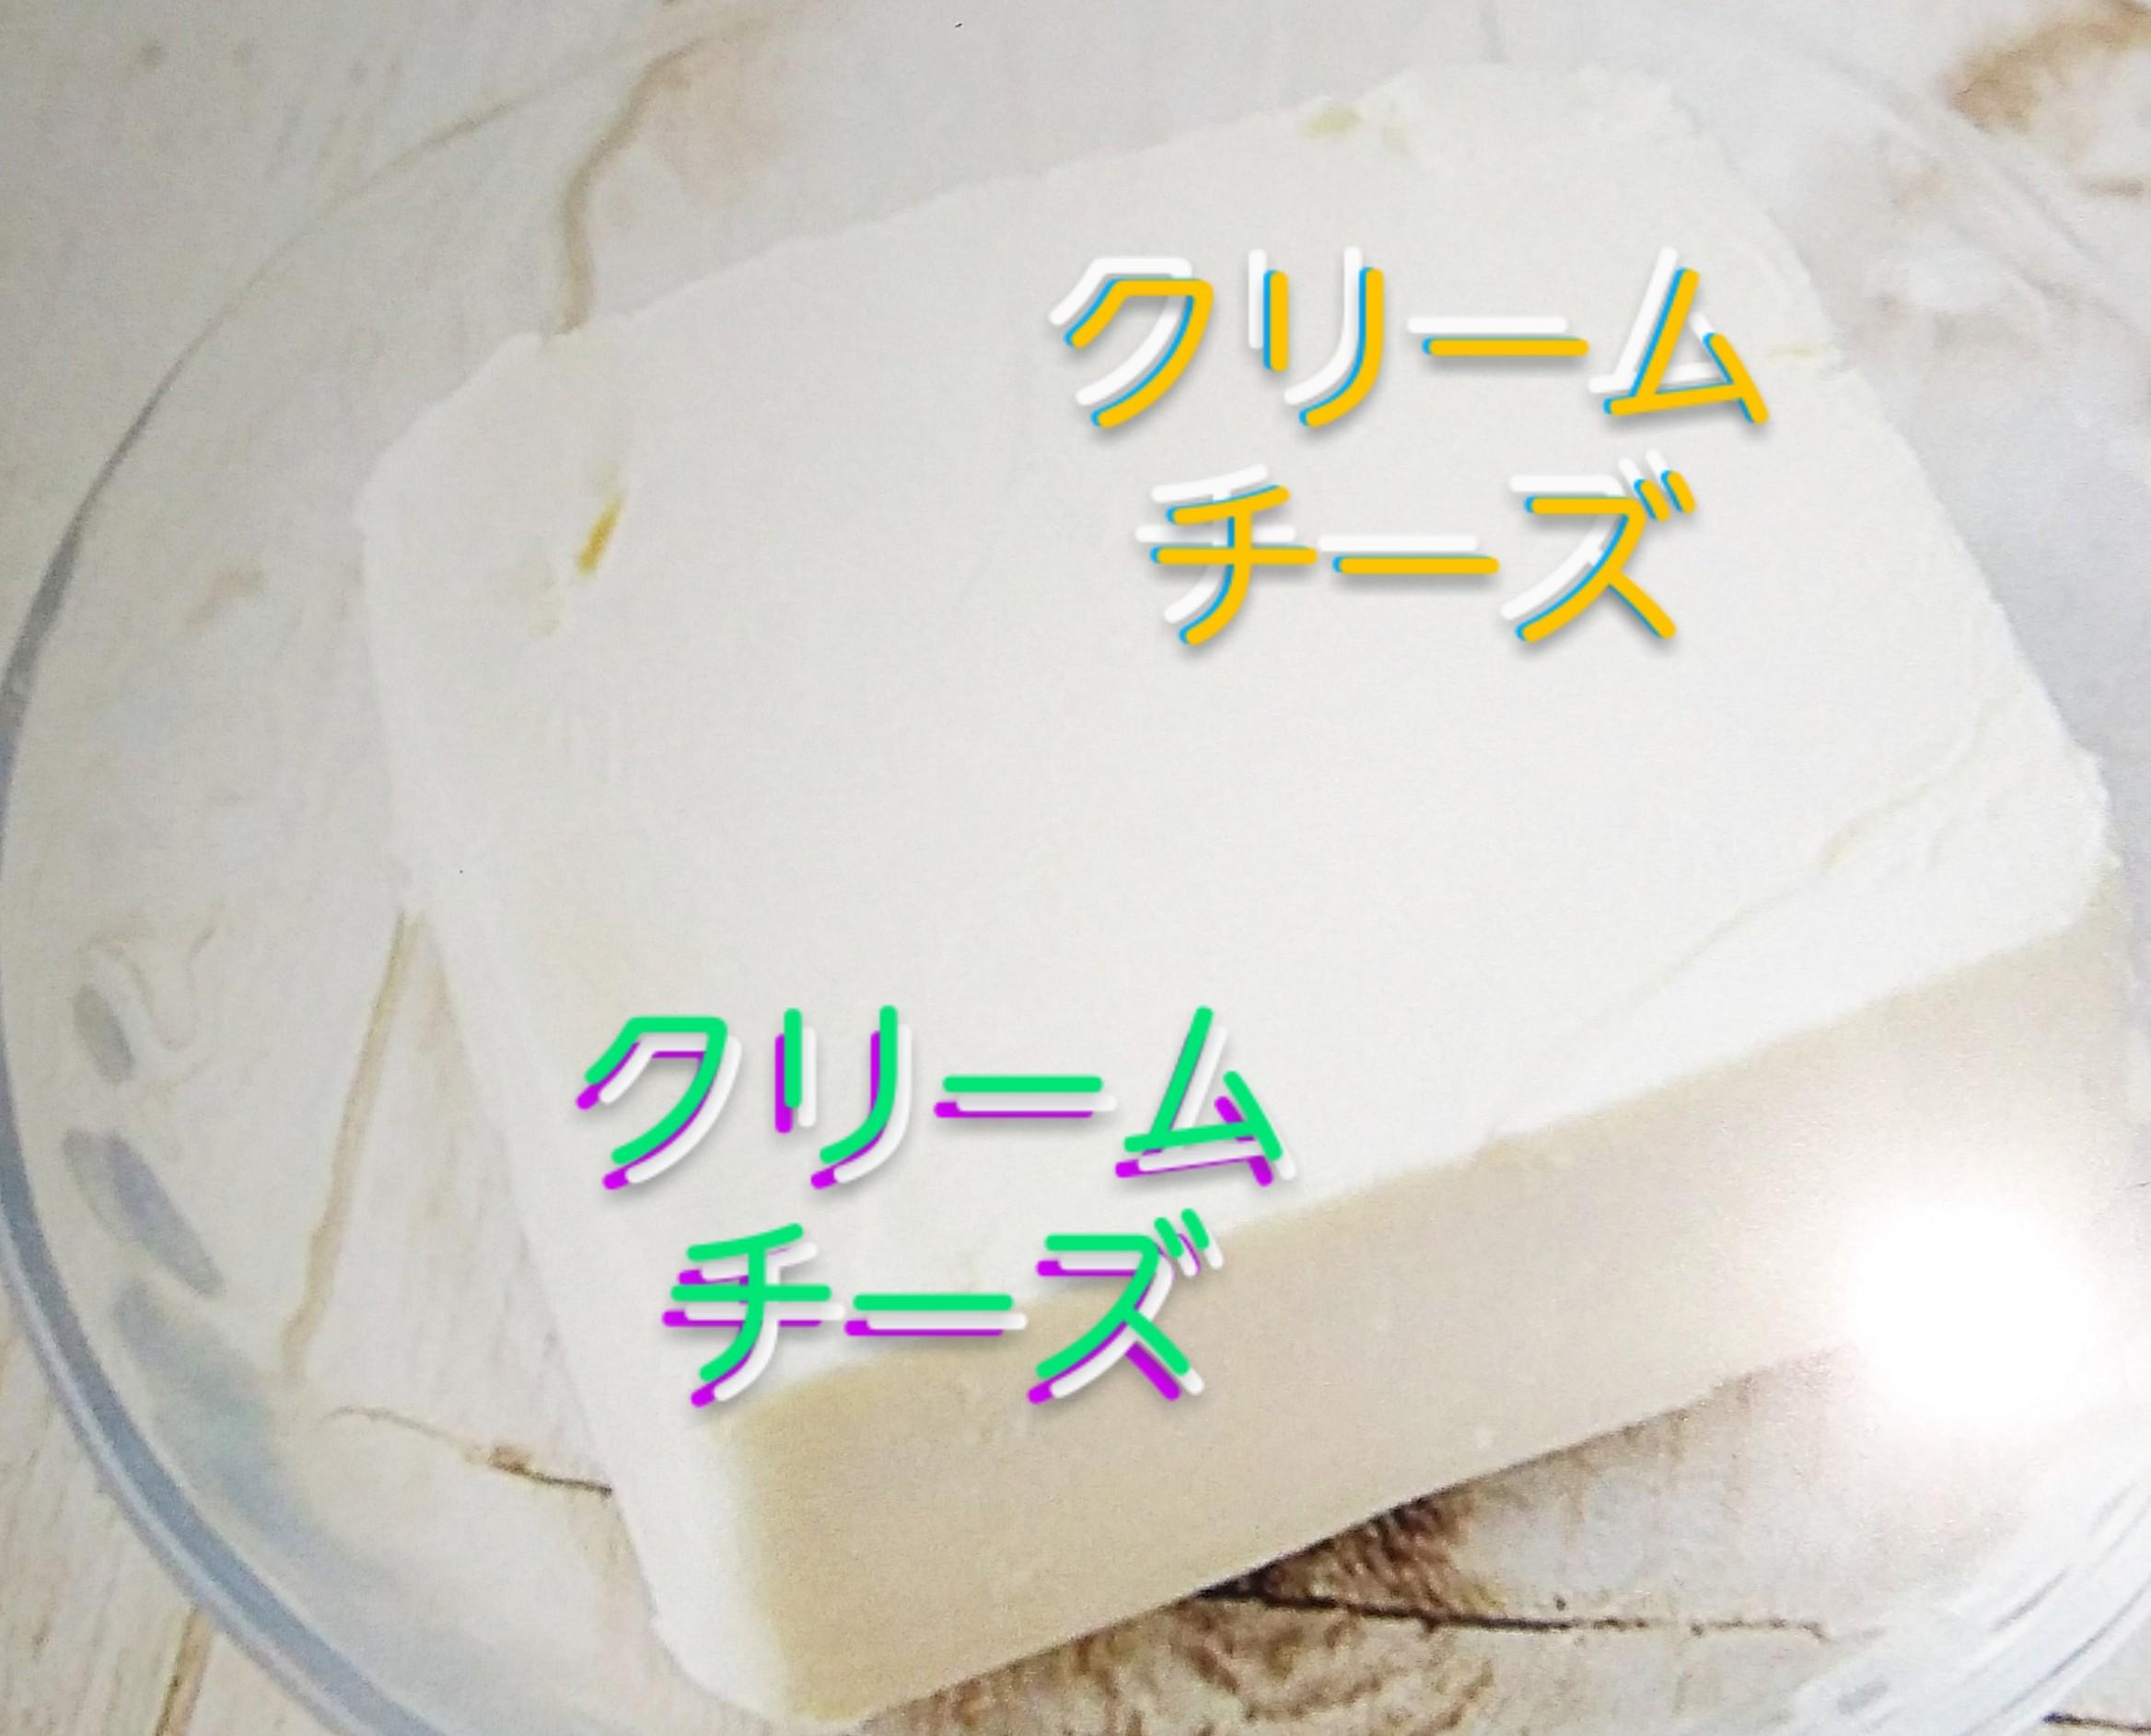 ファミマのチーズケーキフラッペはカロリーが高い?糖質も紹介!28